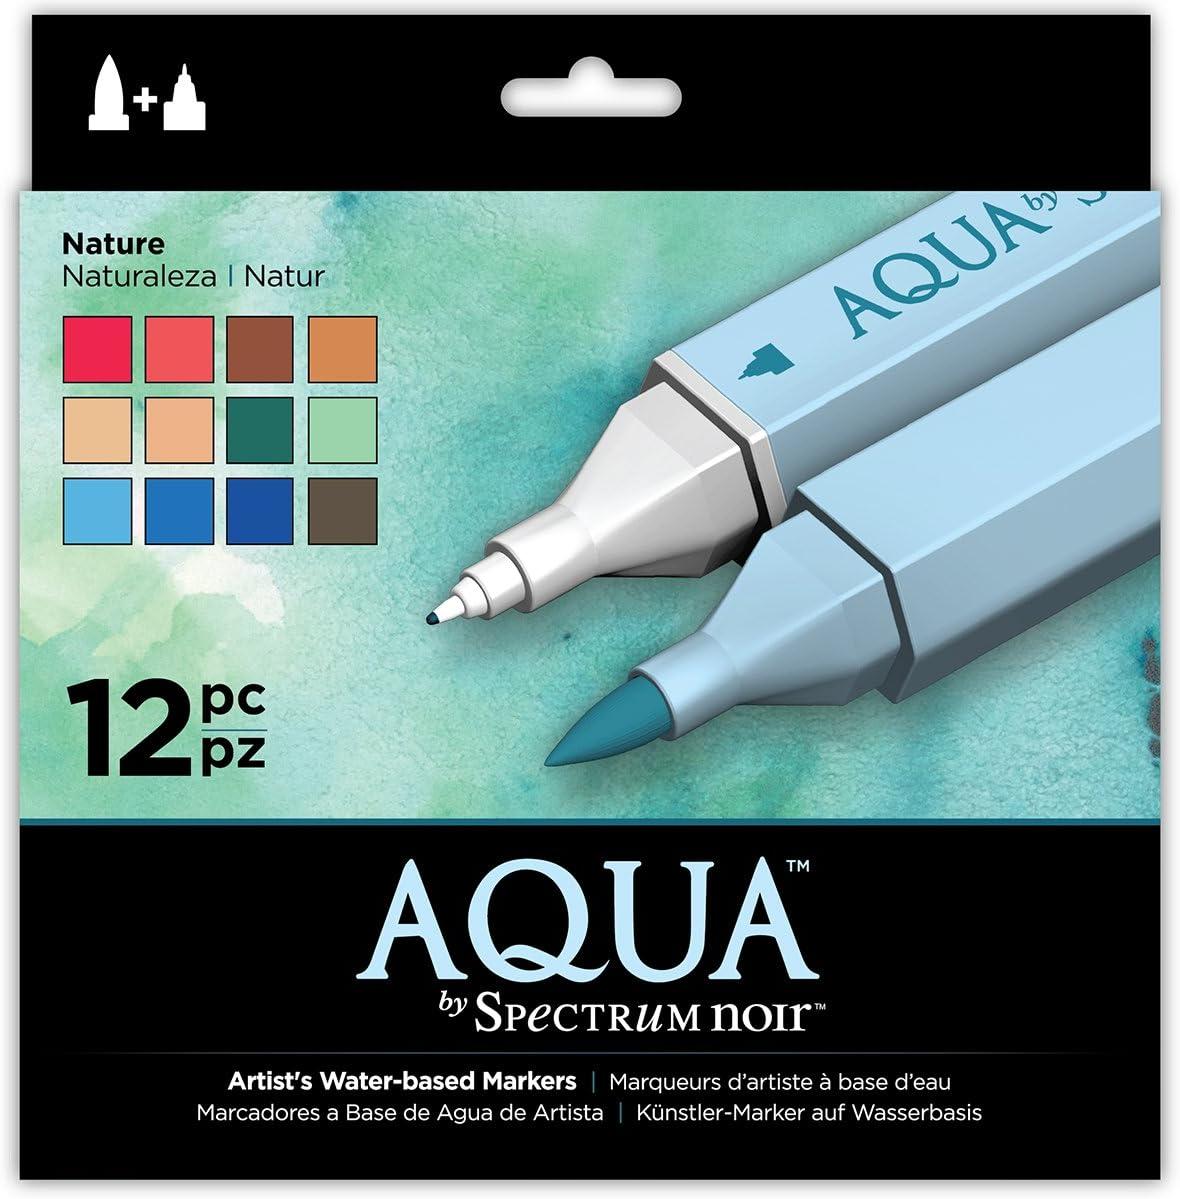 19 x 18.4 x 2.1 cm Spectrum Noir Aqua Basato Marcatori Doppio Pennino in Acqua Colorare Penne DellArtista Floreale Confezione da 12 Floral